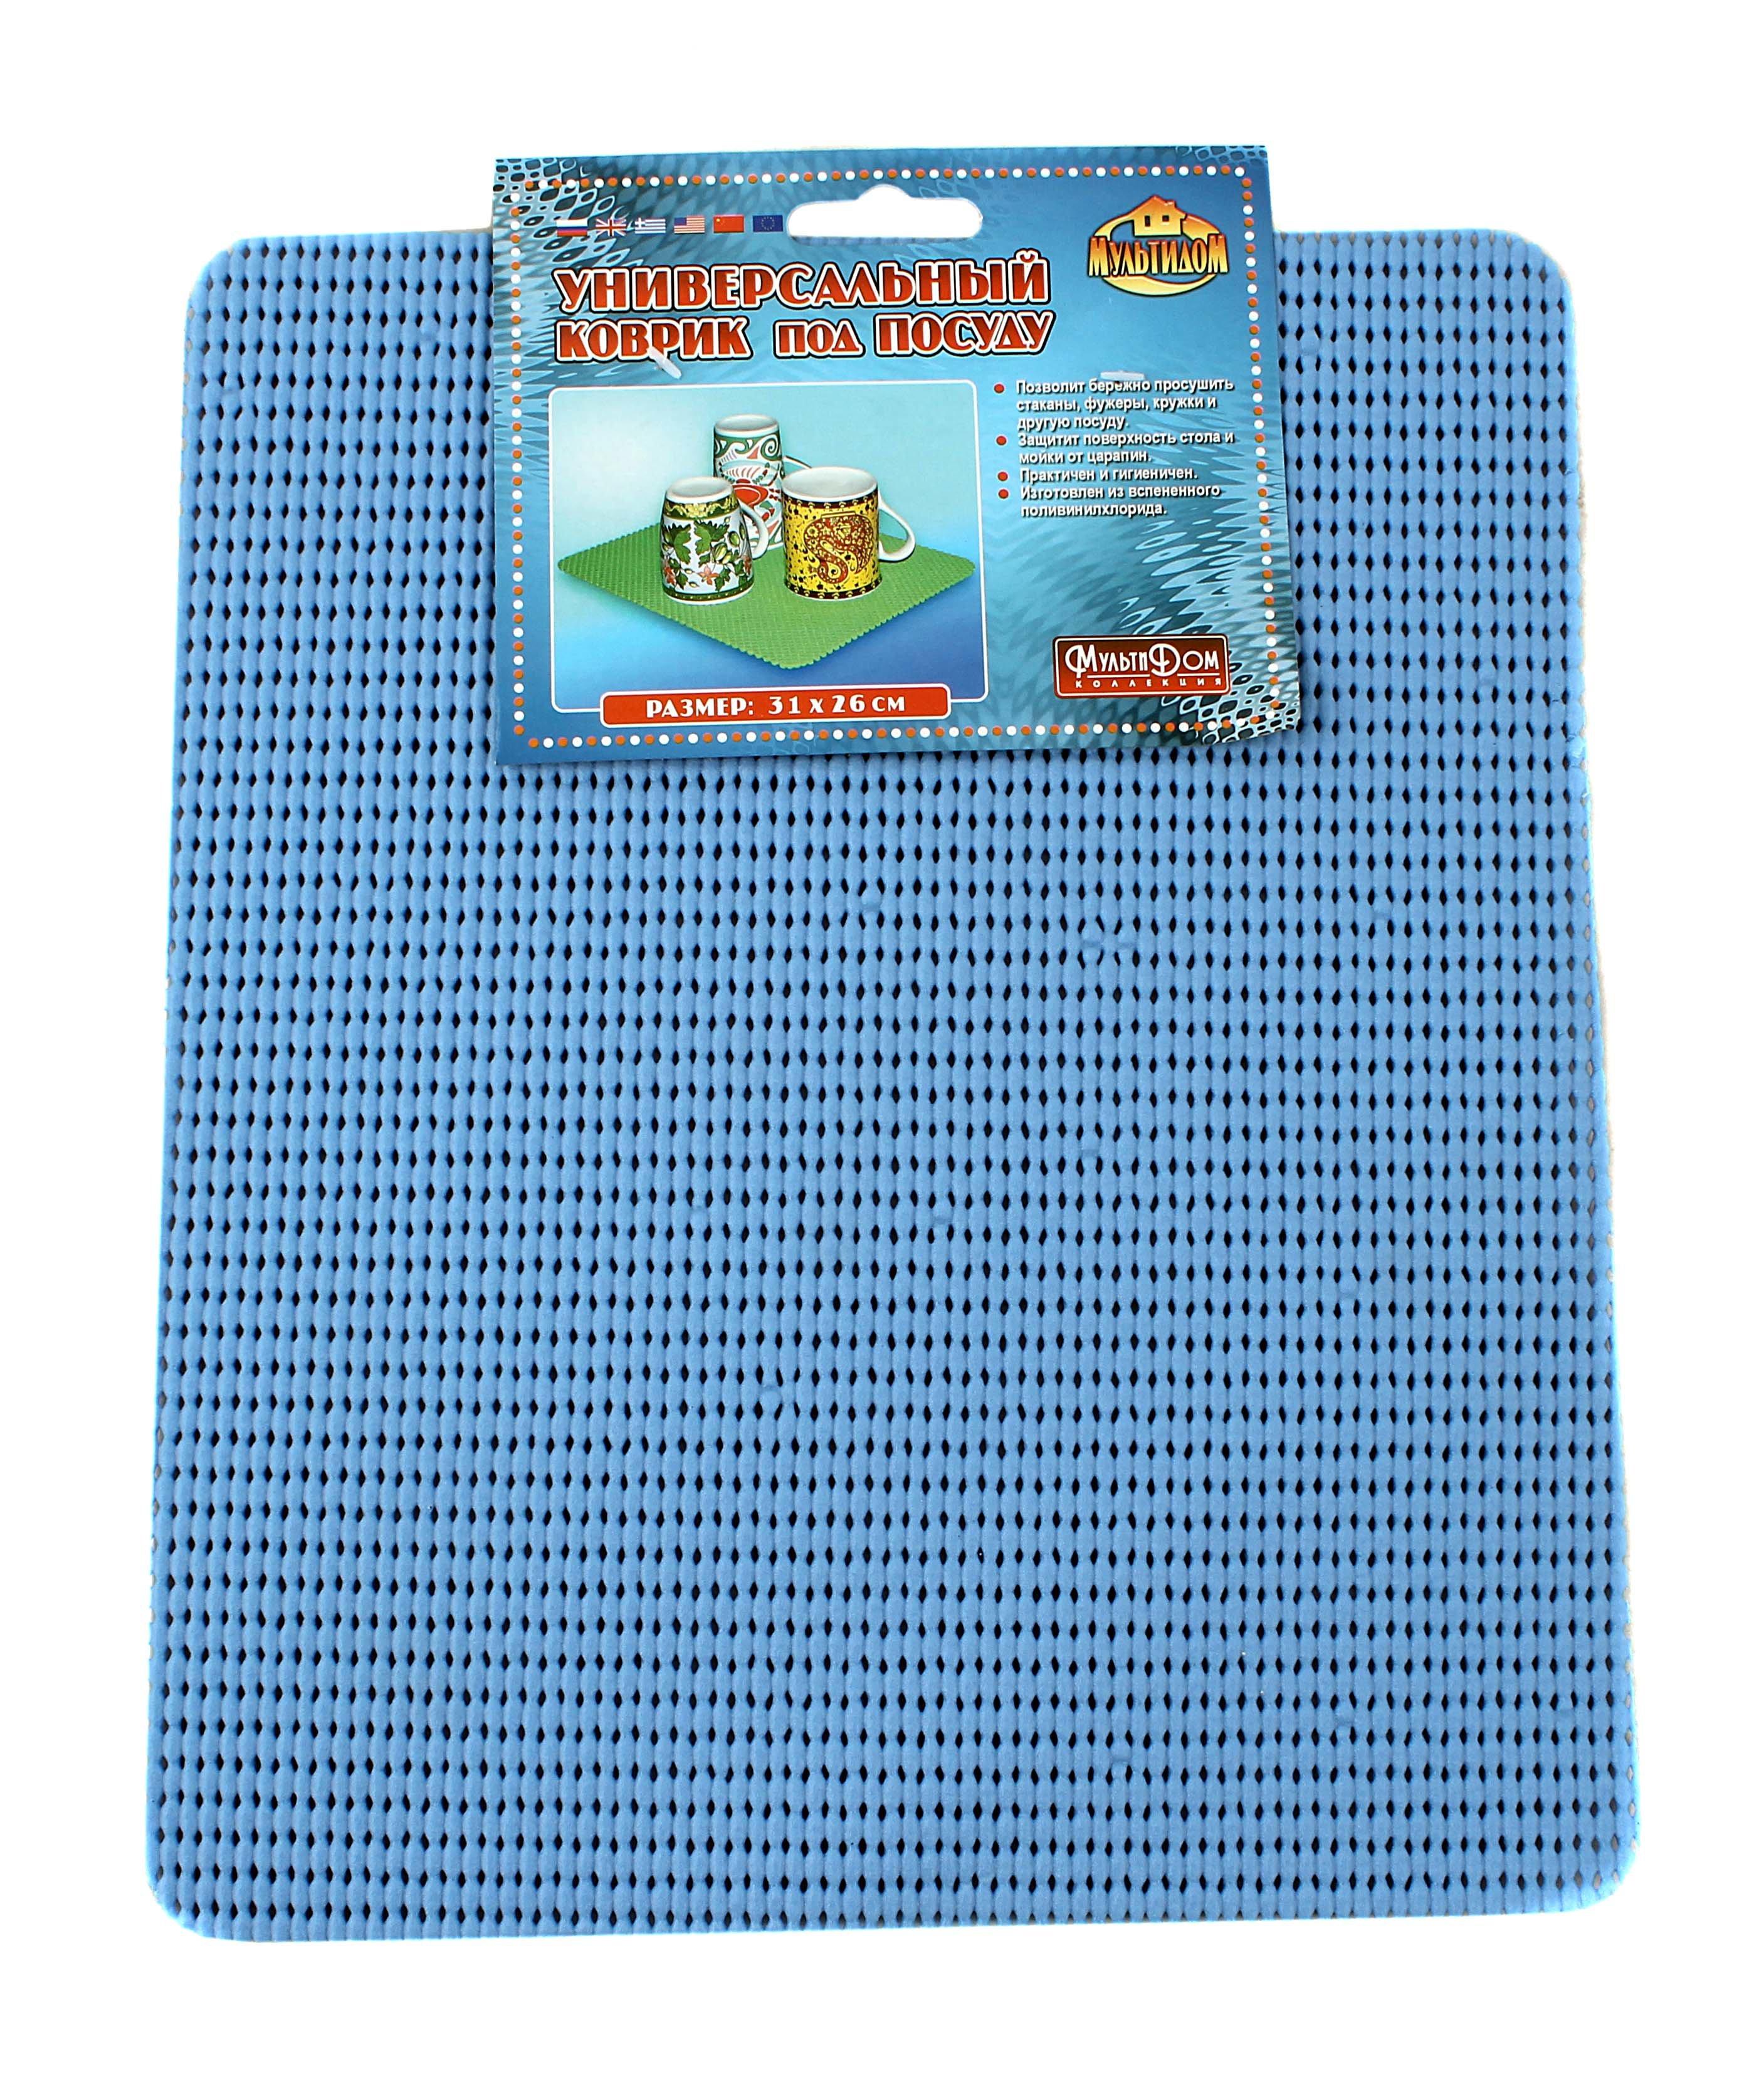 Текстиль кухонный Мультидом fj87-45 коврик универсальный под посуду 31х26см